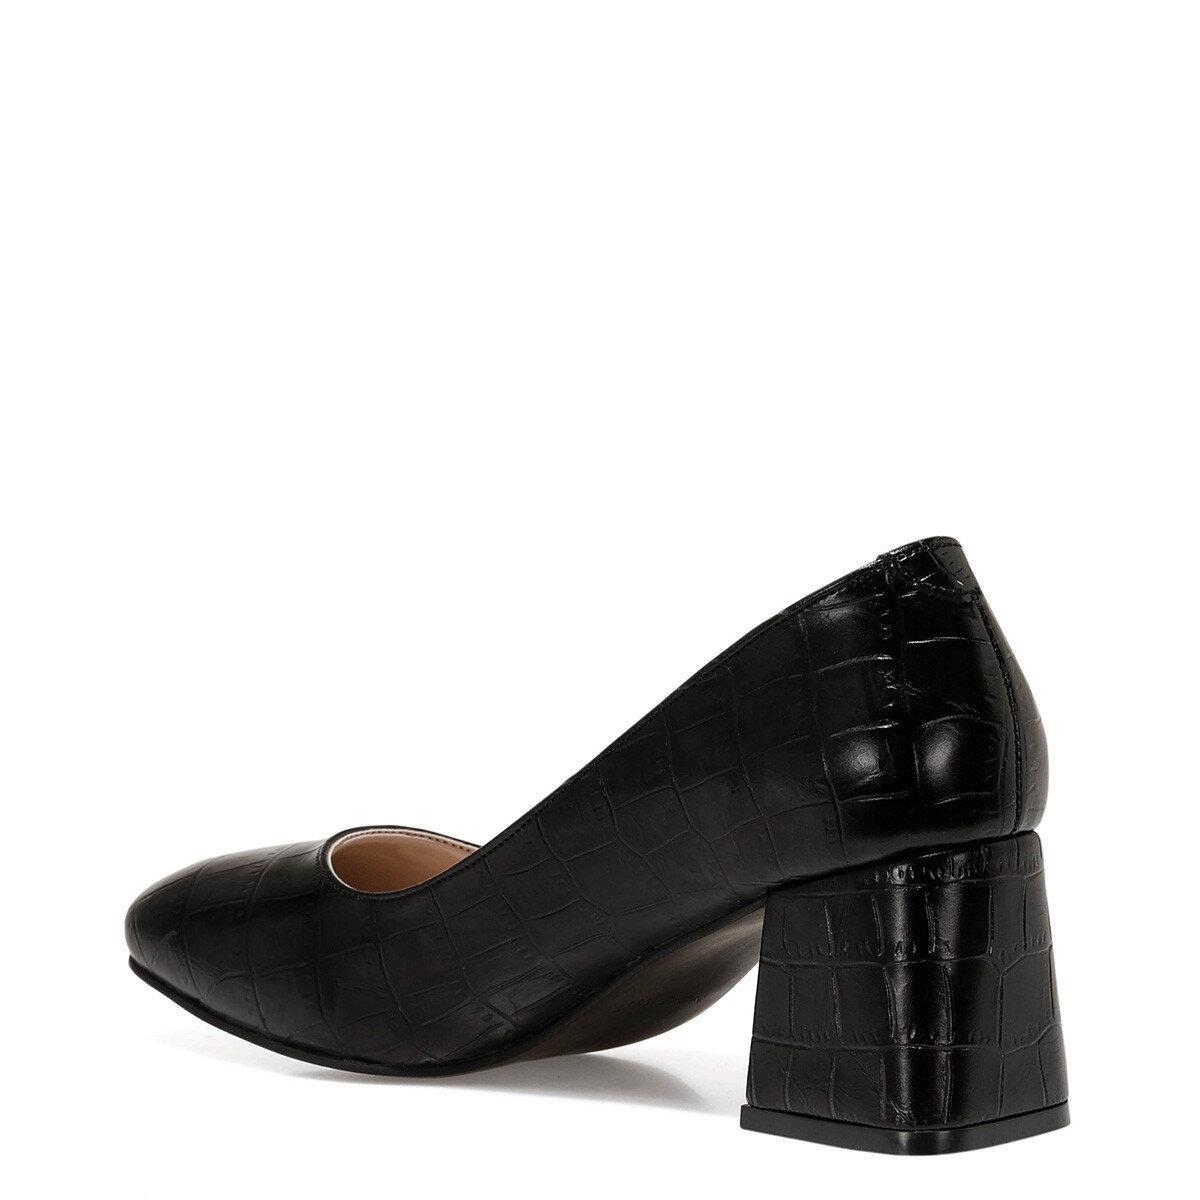 WALES Siyah Kadın Gova Ayakkabı